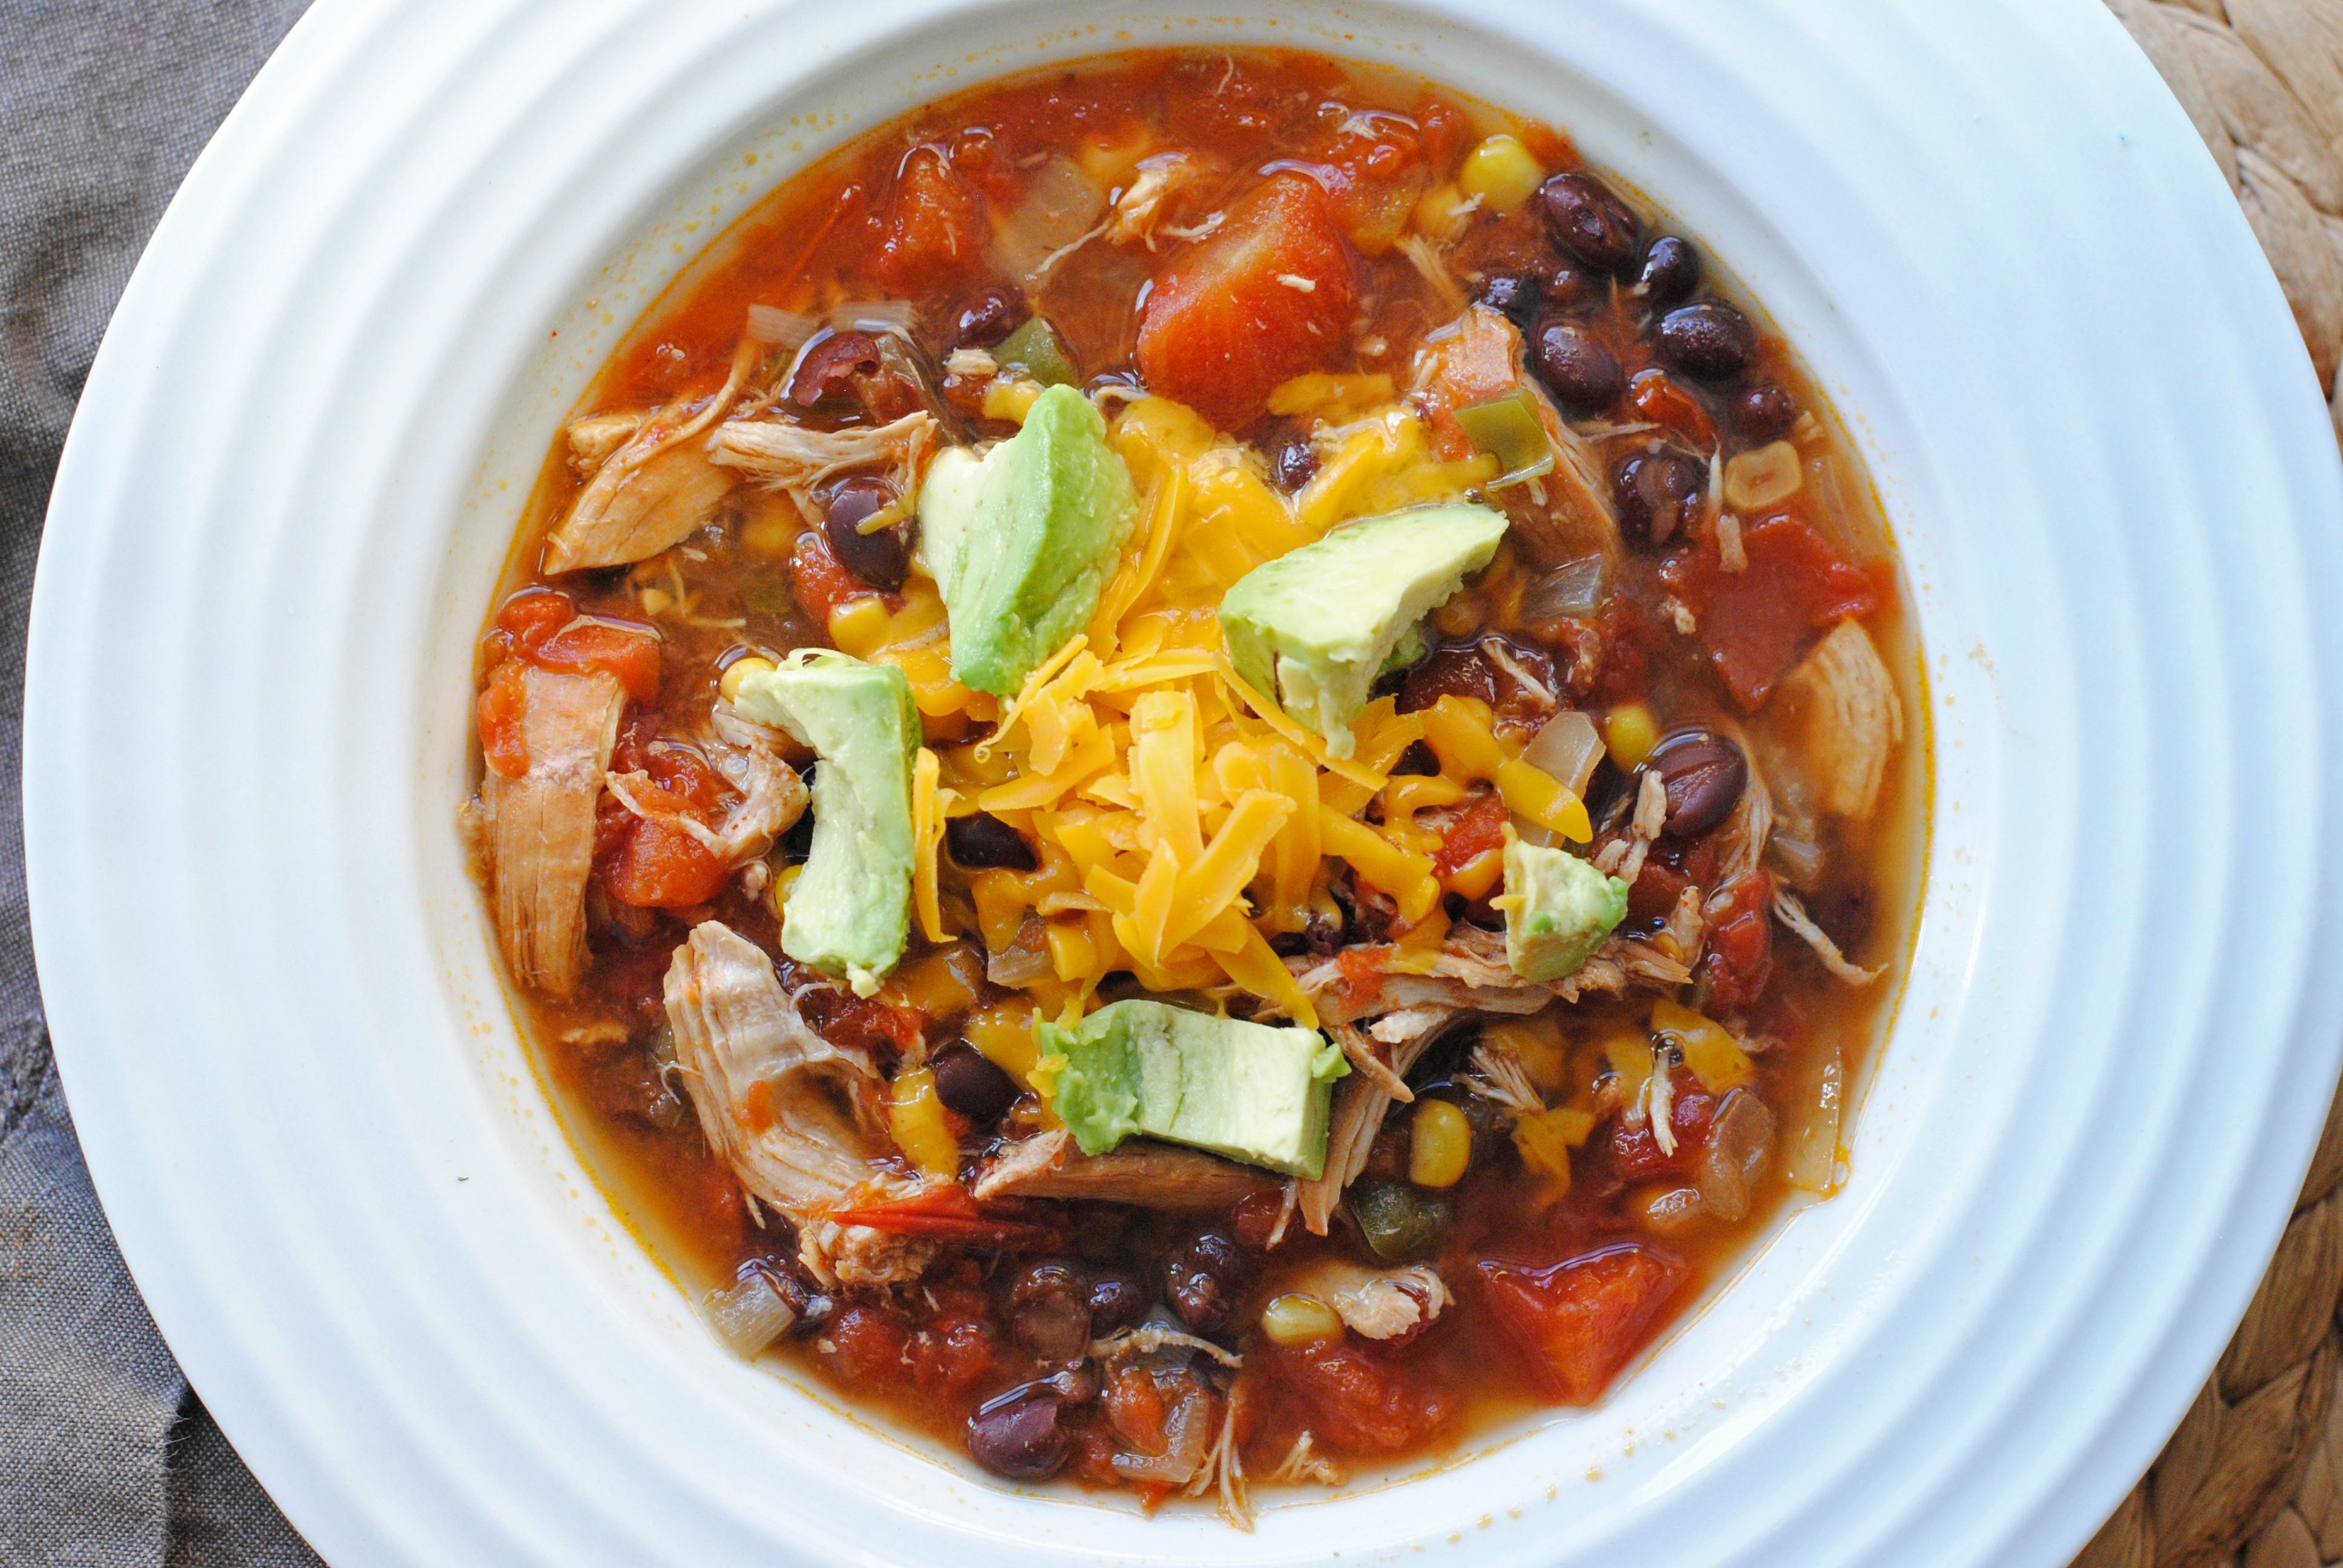 Crockpot Soups Healthy  HEALTHY CROCK POT RECIPES TORTILLA SOUP